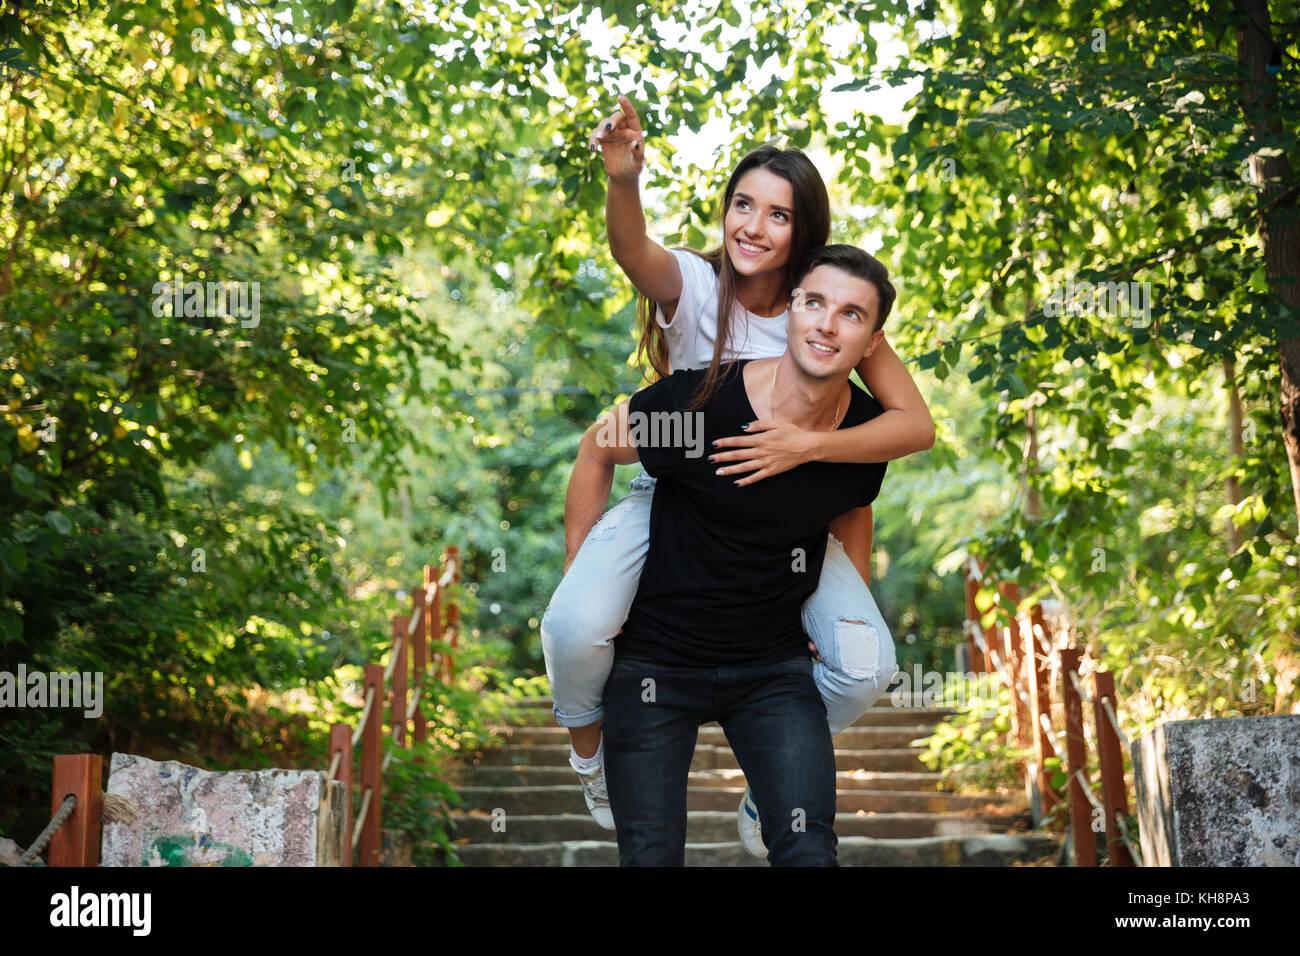 Junge glücklich Paar beim piggyback Ride im Park im Freien, lächelnde Frau Zeigefinger entfernt Stockbild